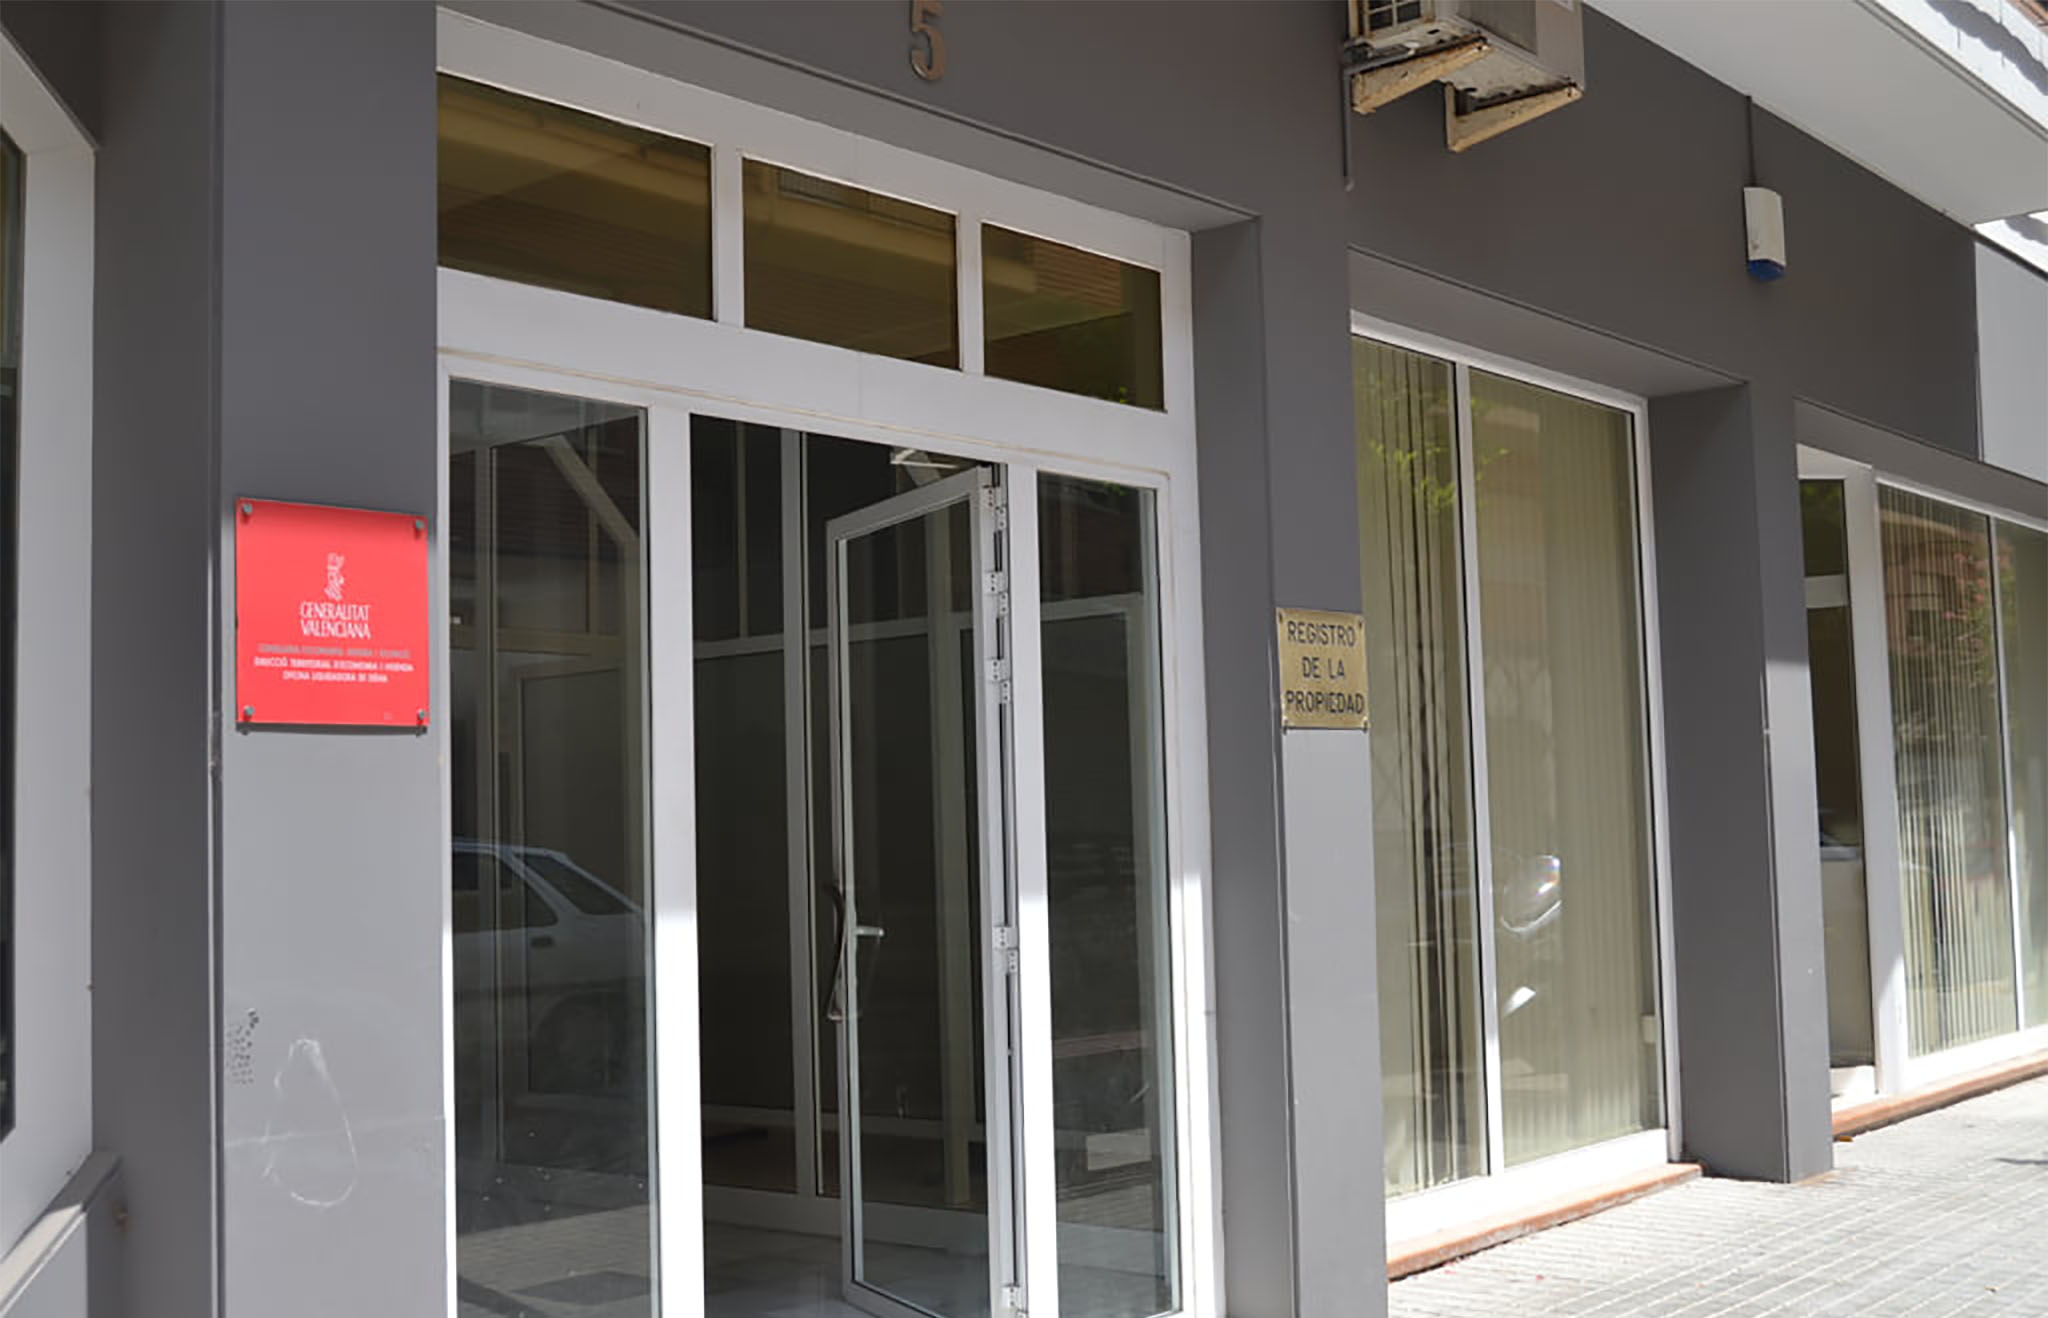 Puerta de acceso al Registro de la Propiedad de Dénia